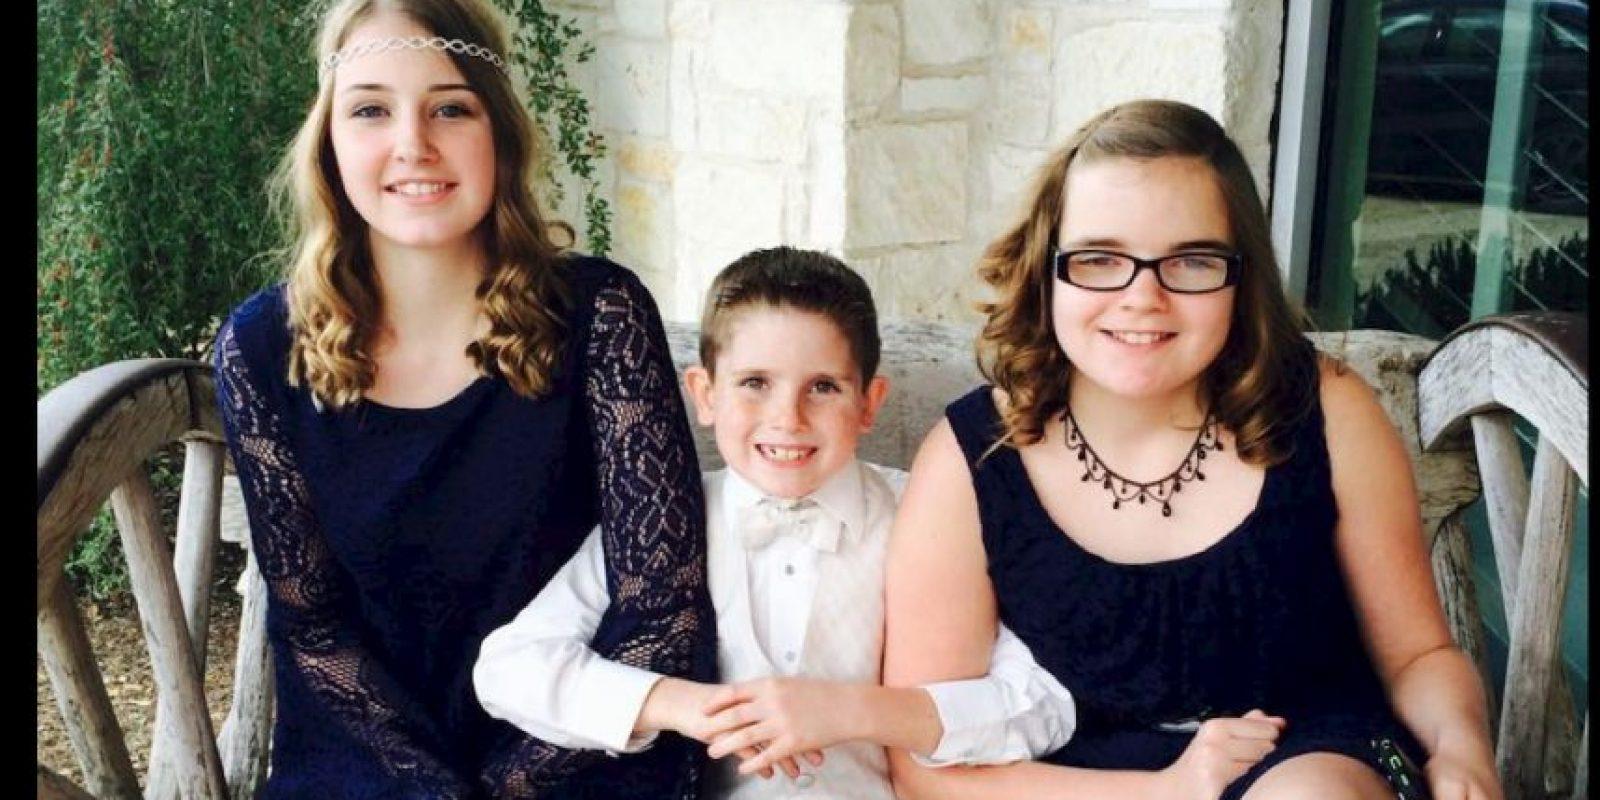 Cuando Caden Faris (centro) se dio cuenta del artefacto le comentó a su mamá. Foto:Vía facebook.com/jessica.slaybaughfaris